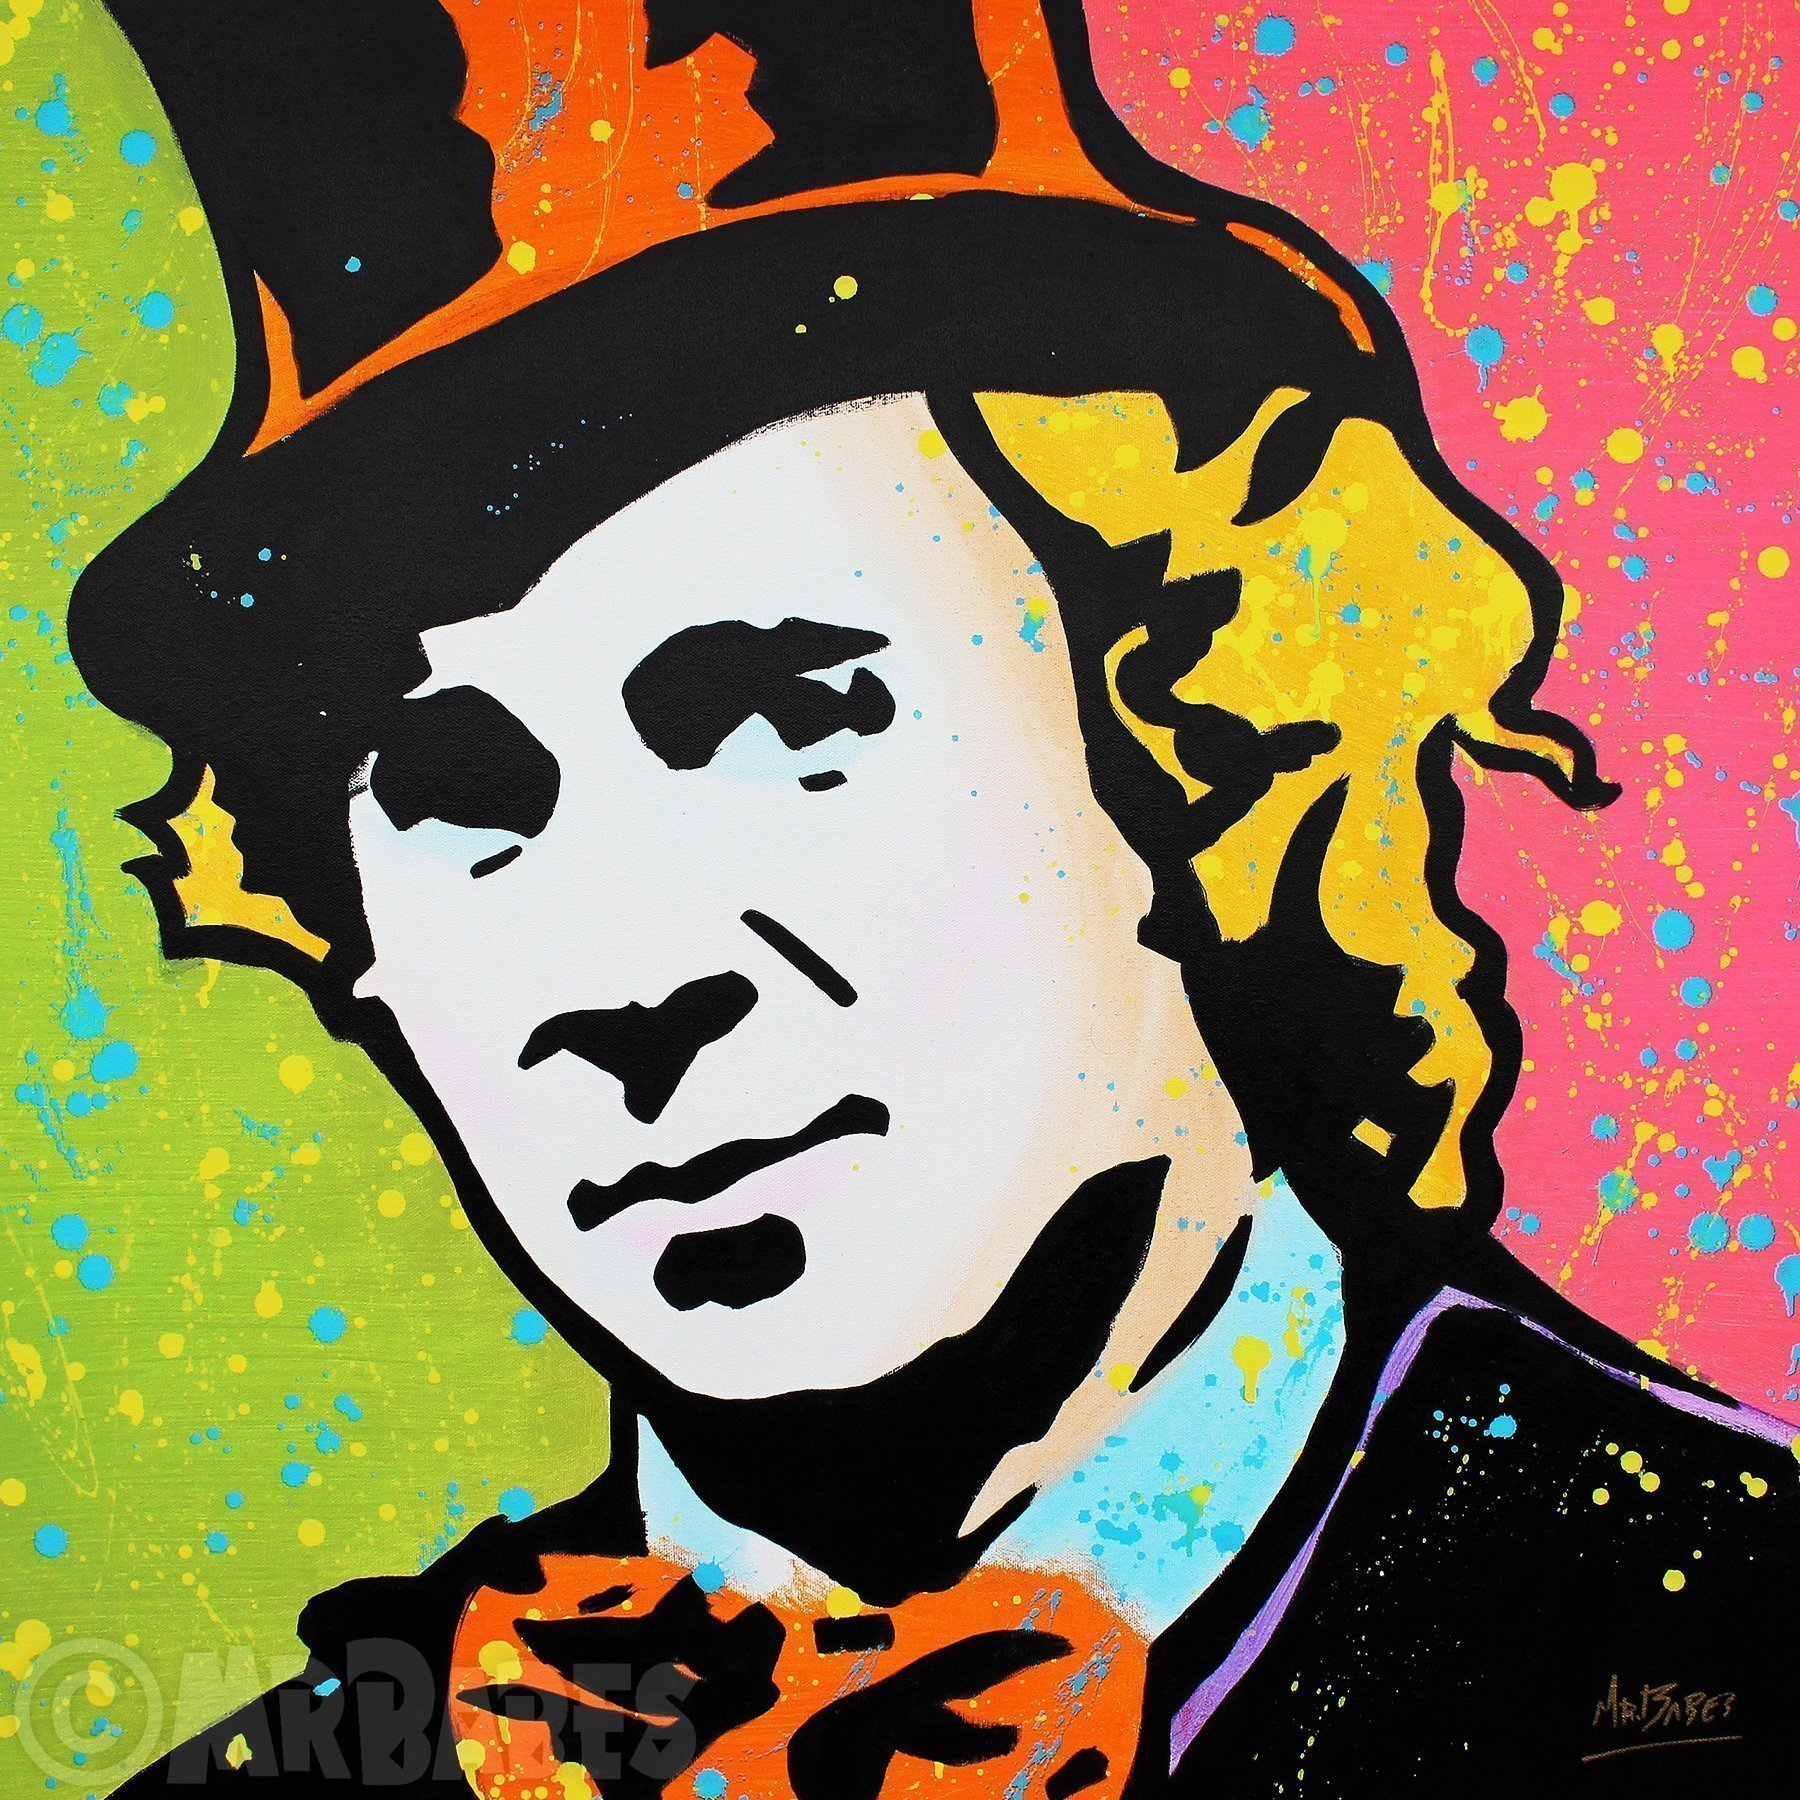 MR.BABES - ''Willy Wonka (Gene Wilder)'' - Original Pop Art Painting - Movie Portrait